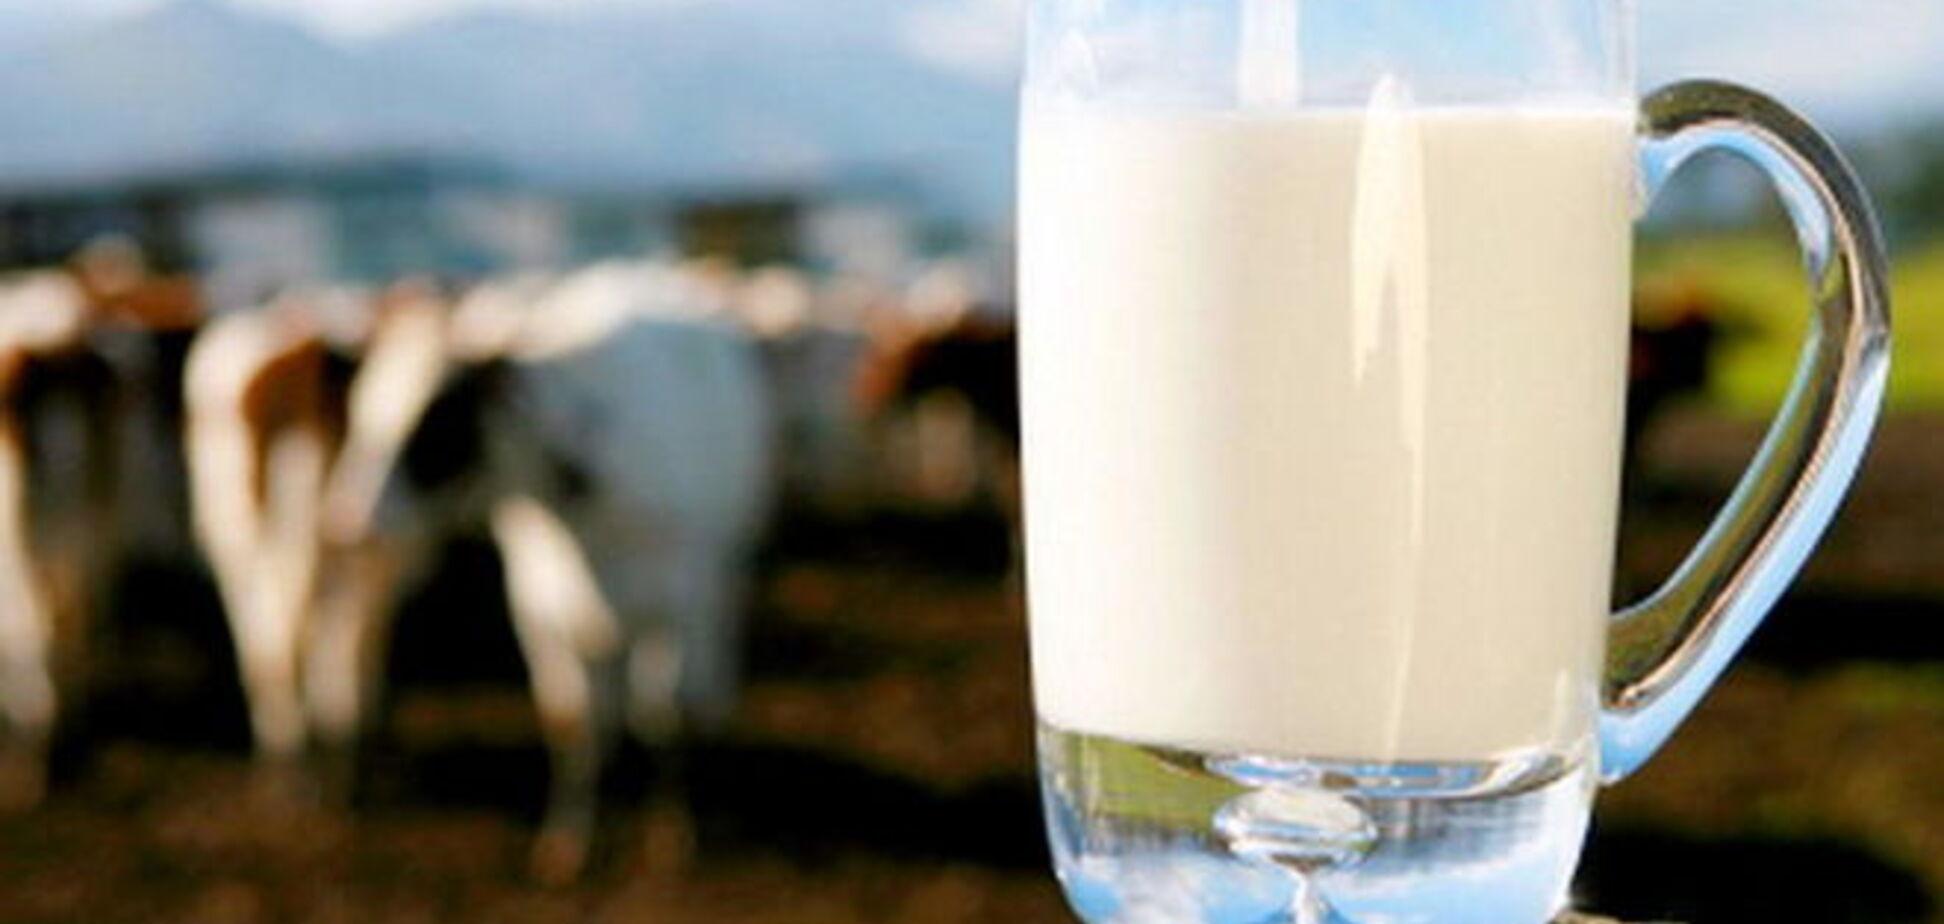 Депутаты намерены оказать поддержку молочной отрасли